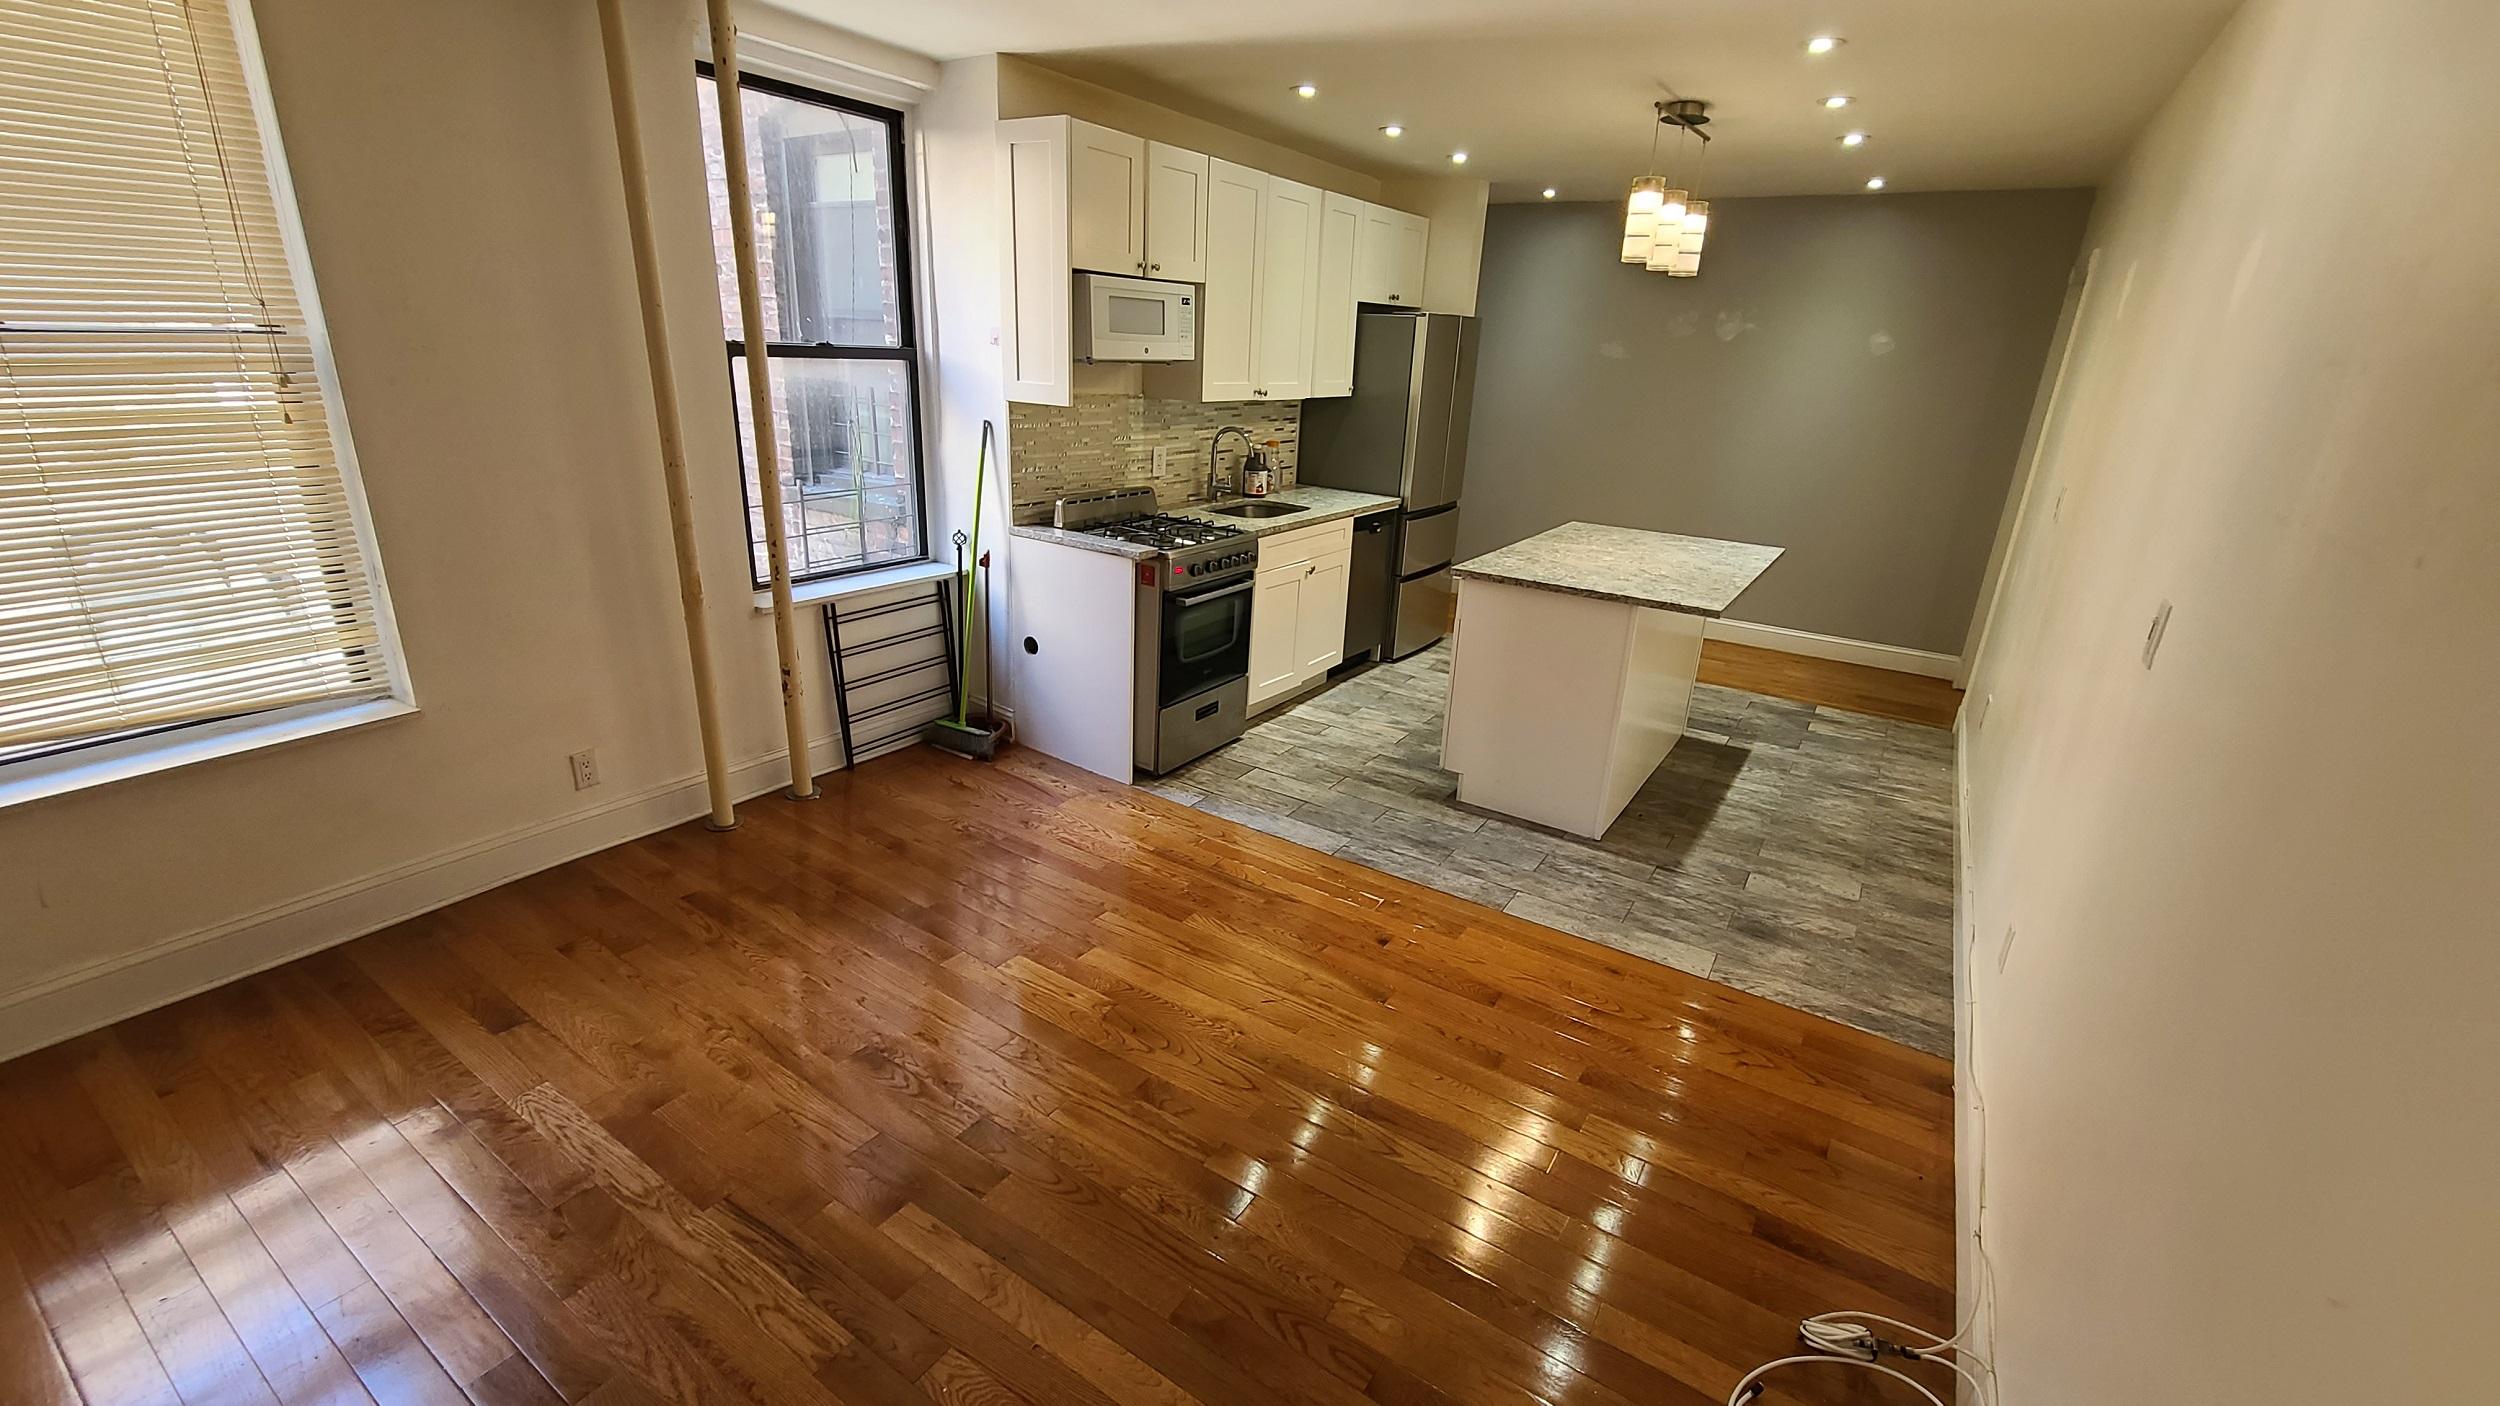 512 West 180th Street Washington Heights New York NY 10033